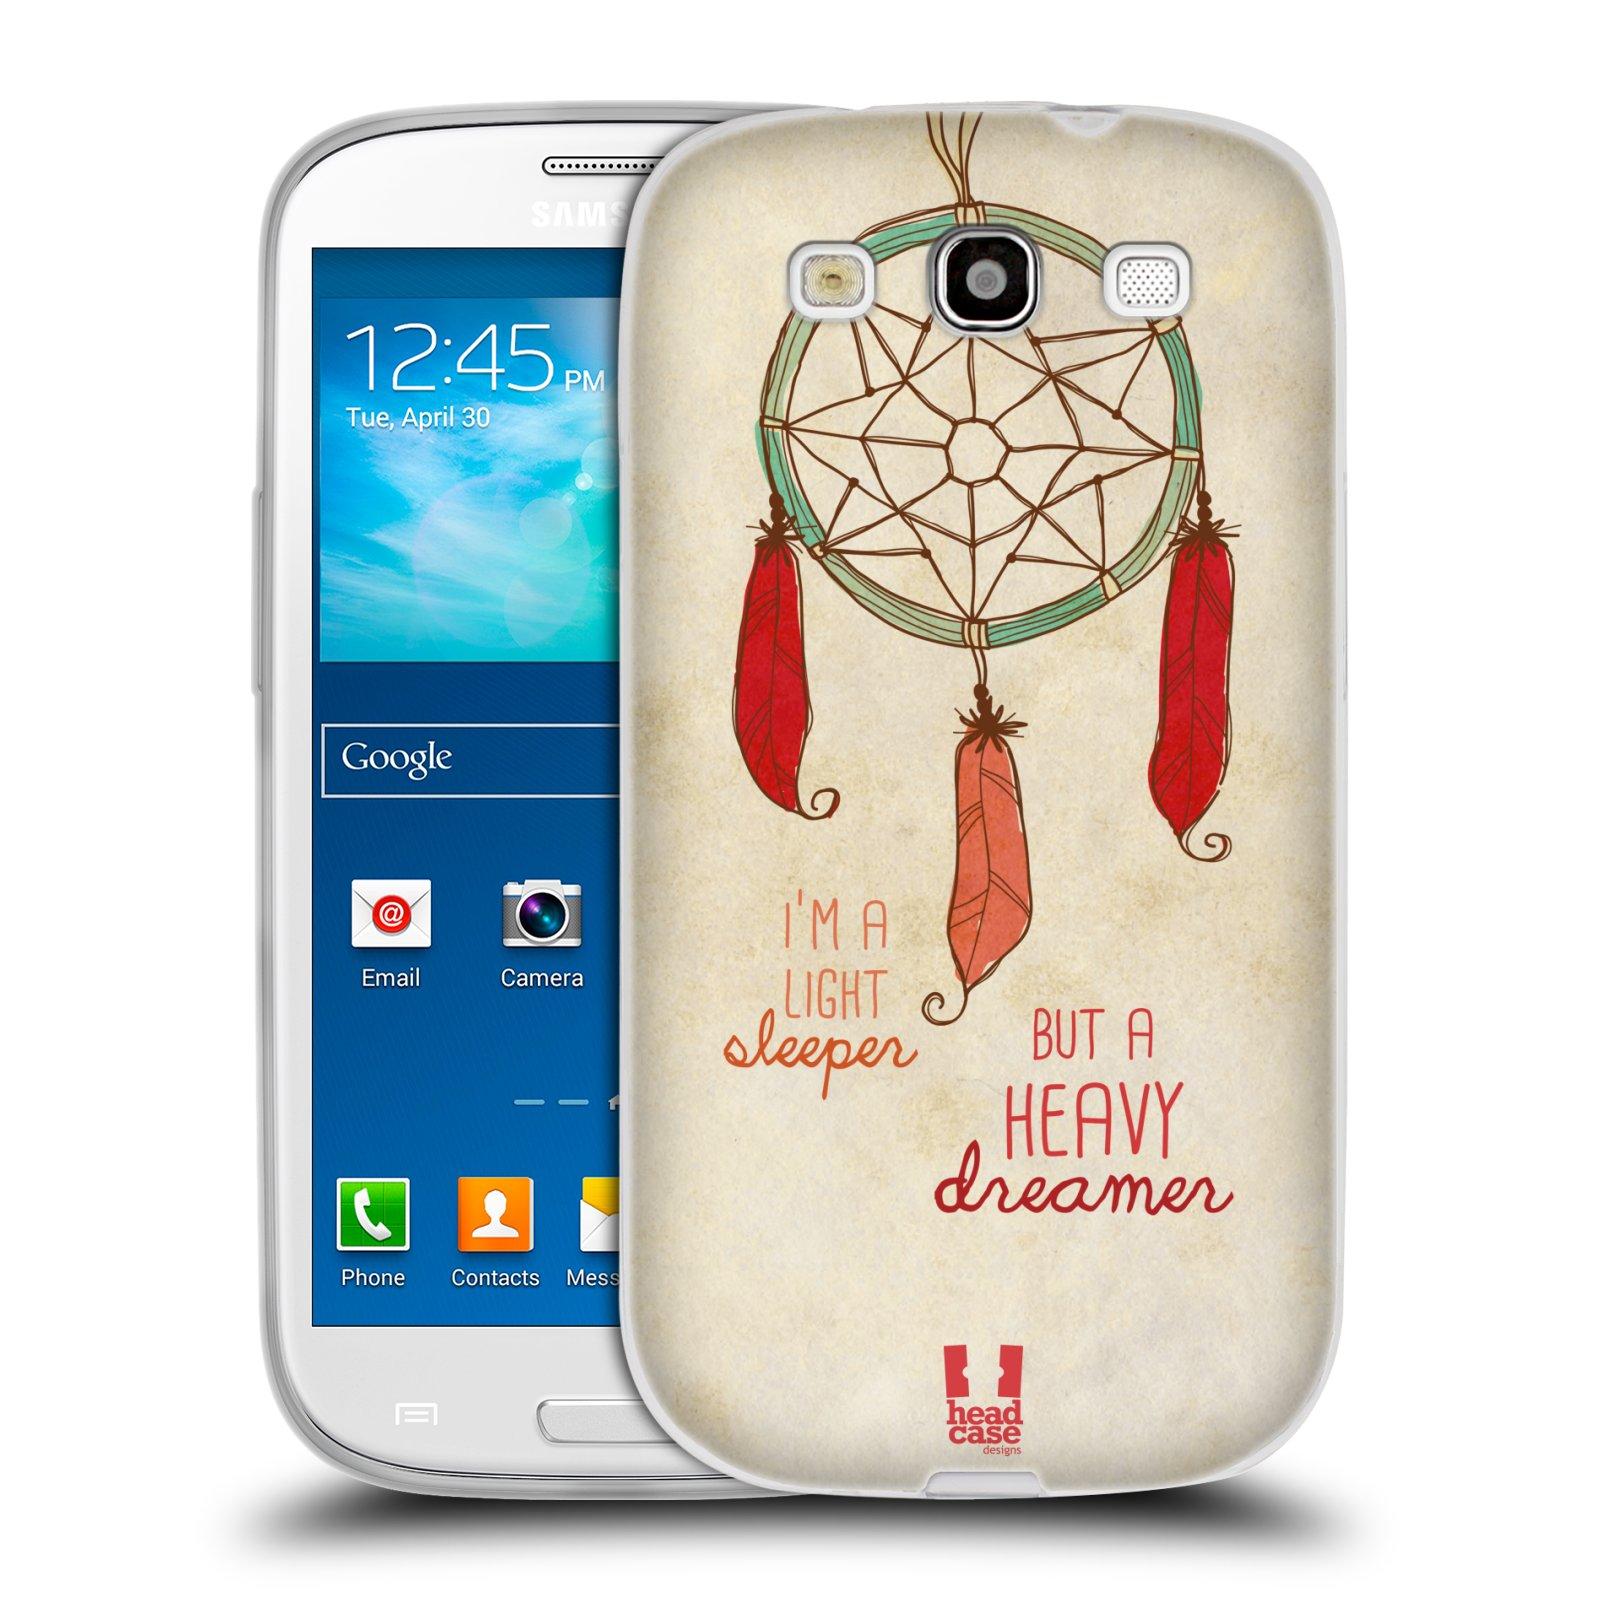 Silikonové pouzdro na mobil Samsung Galaxy S3 Neo HEAD CASE LAPAČ HEAVY DREAMER (Silikonový kryt či obal na mobilní telefon Samsung Galaxy S3 Neo GT-i9301i)